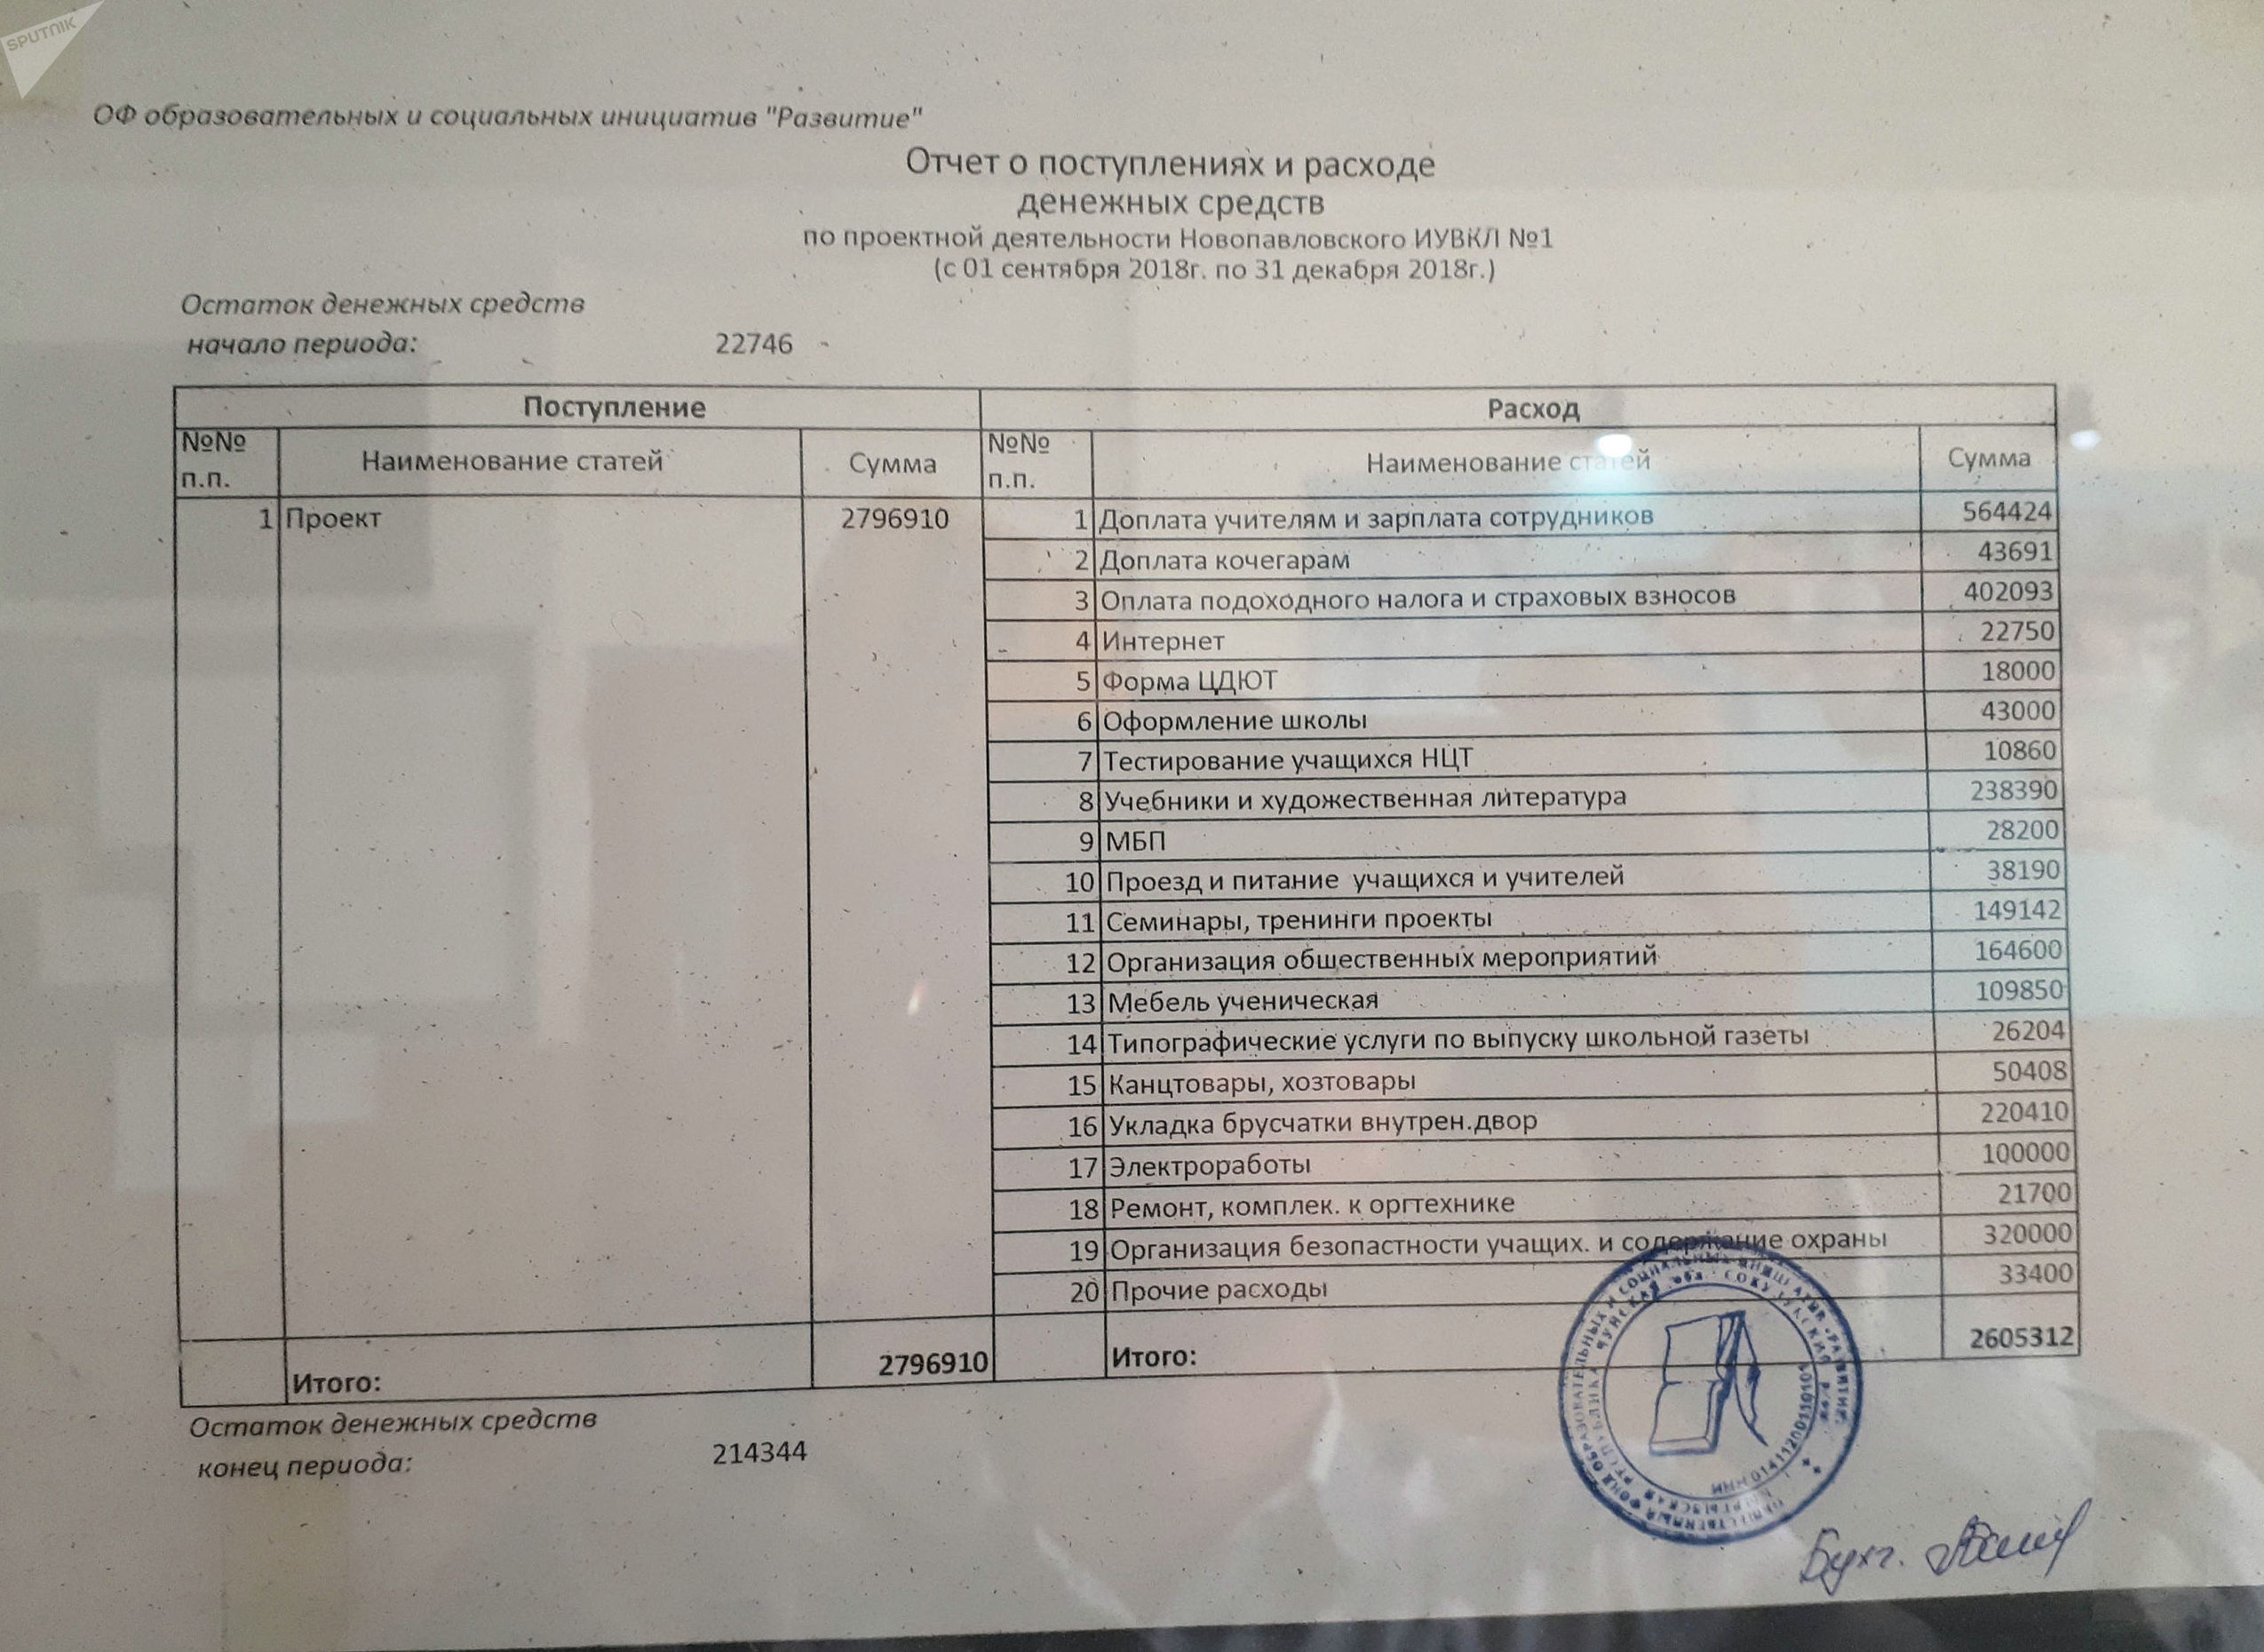 Отчет о поступлениях и расходе денежных средств лицея №1 в Новопавловке